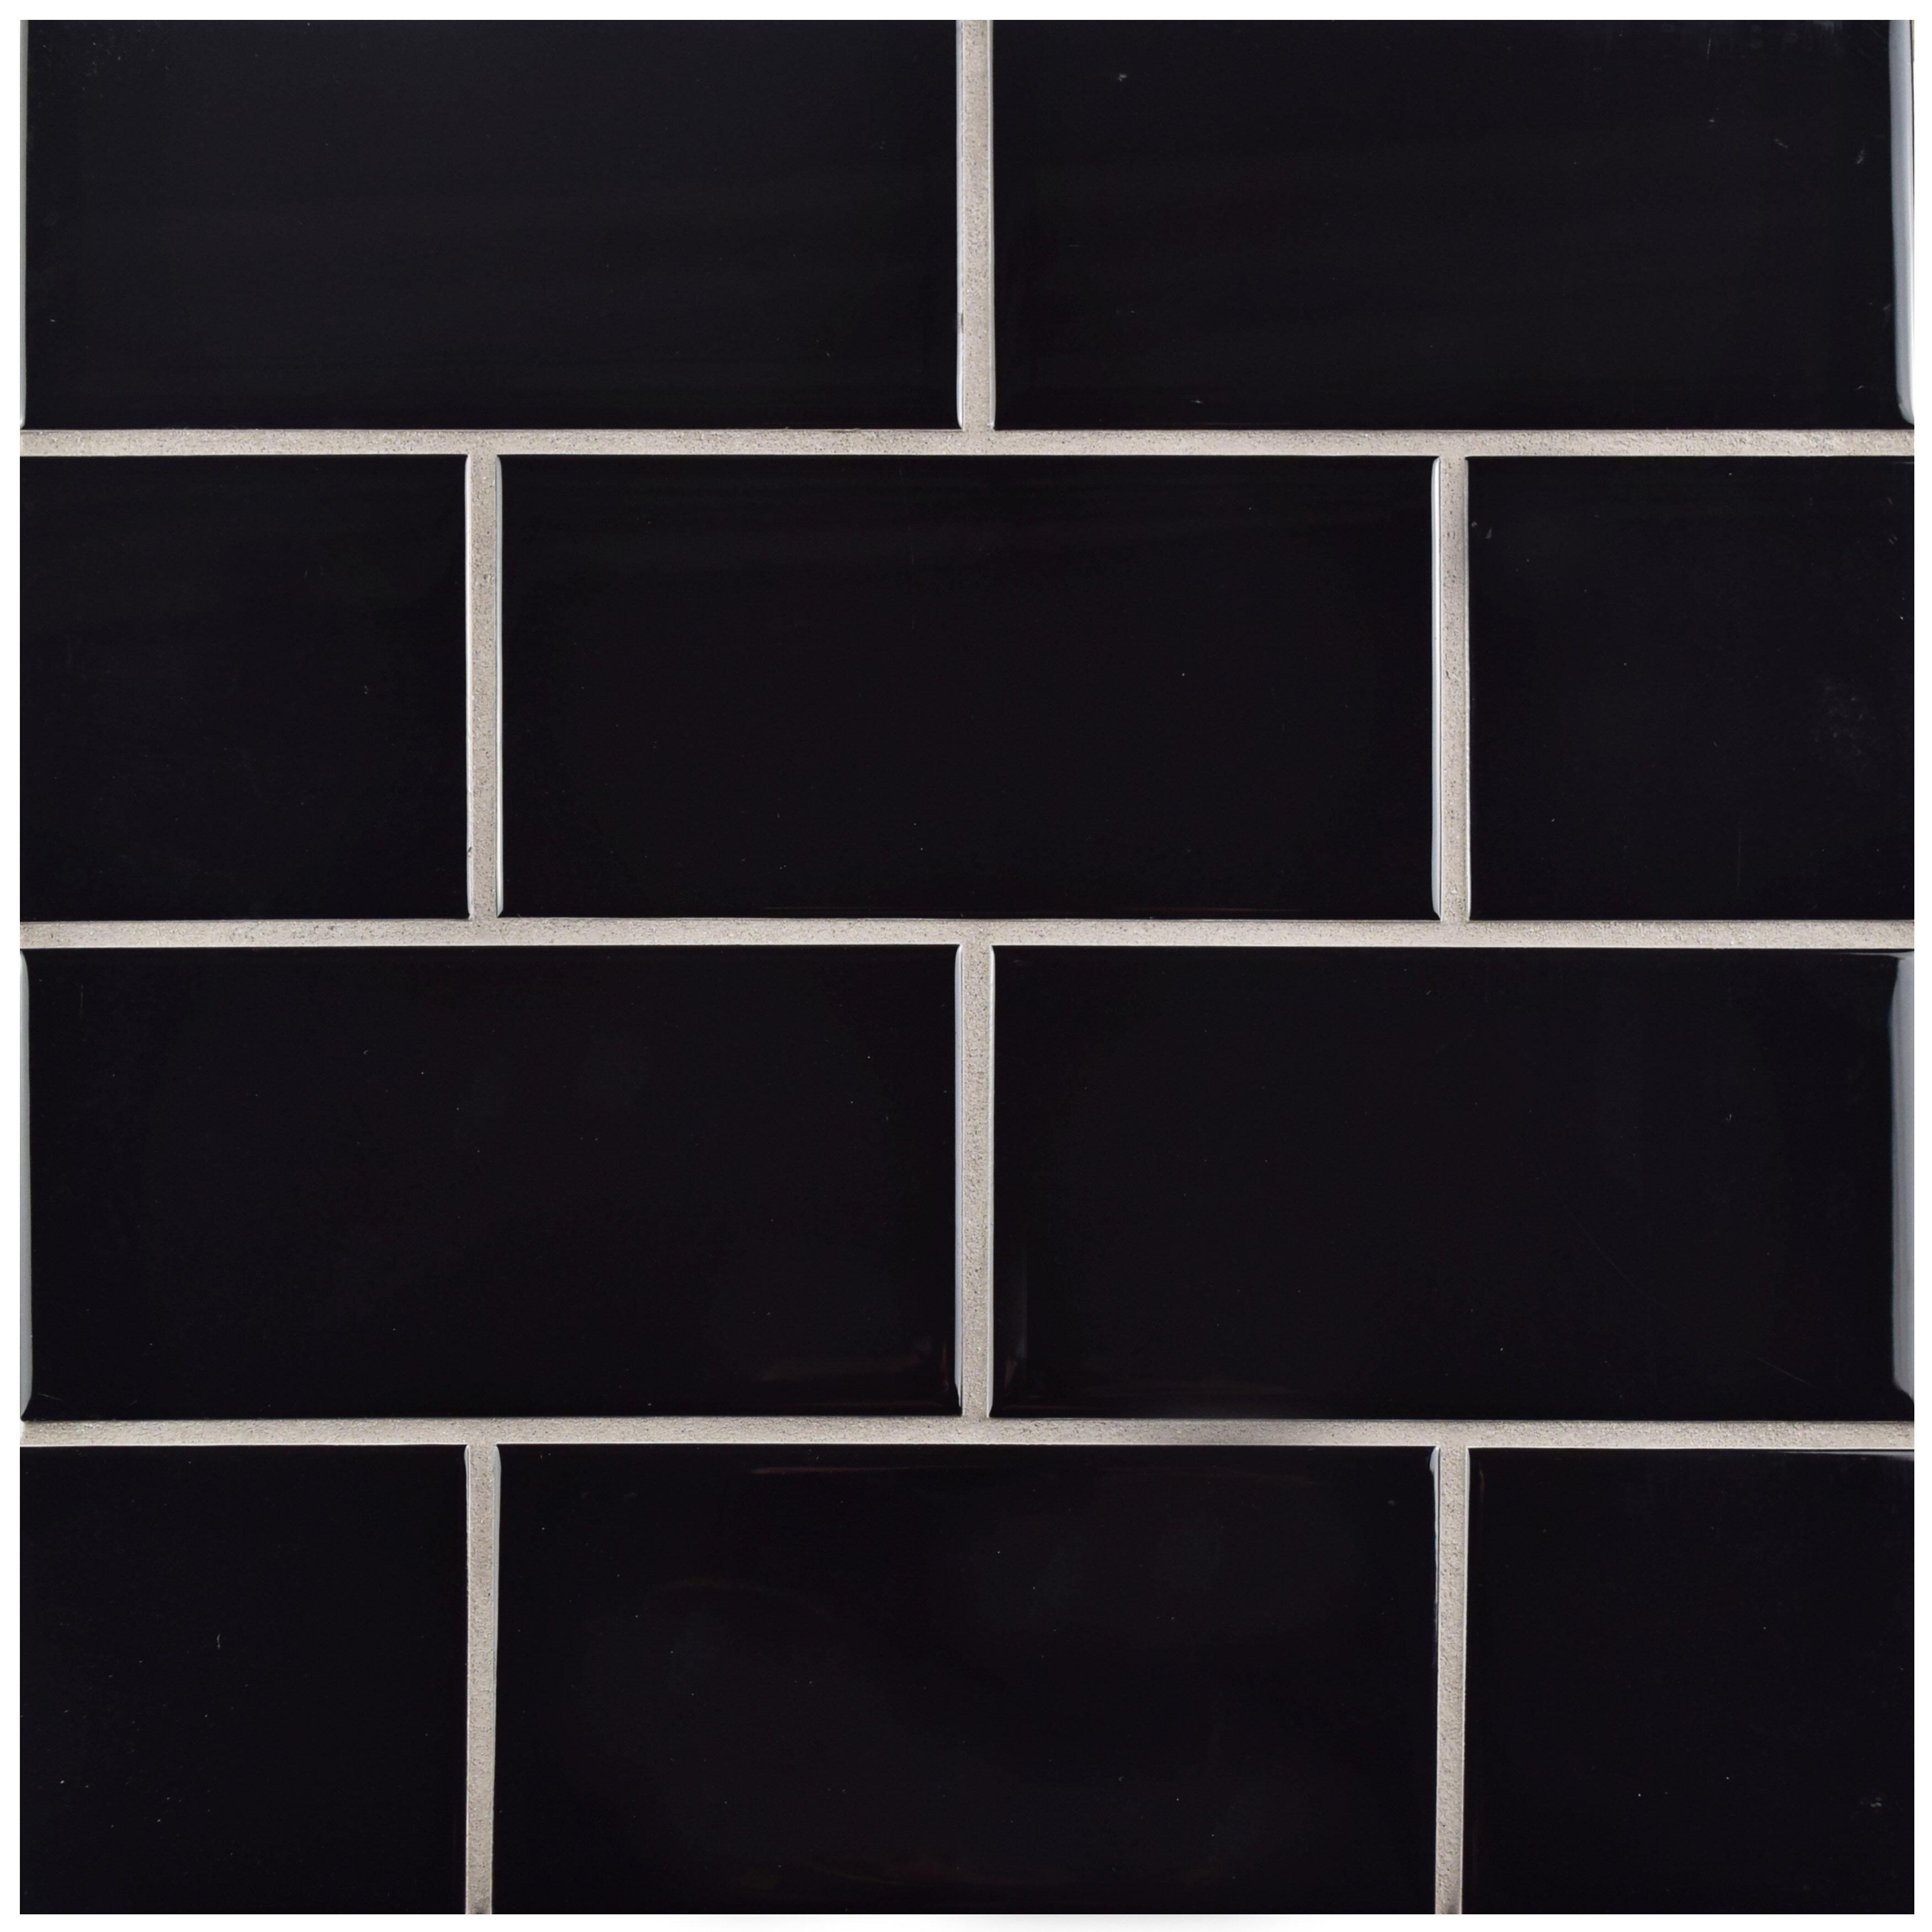 Elitetile Prospect 3 X 6 Ceramic Subway Tile In Black Reviews